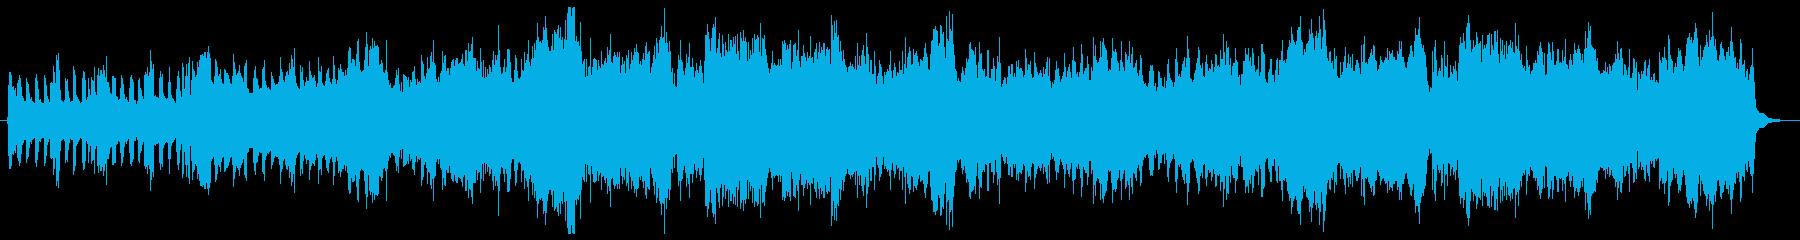 疾走感のあるファンファーレの再生済みの波形